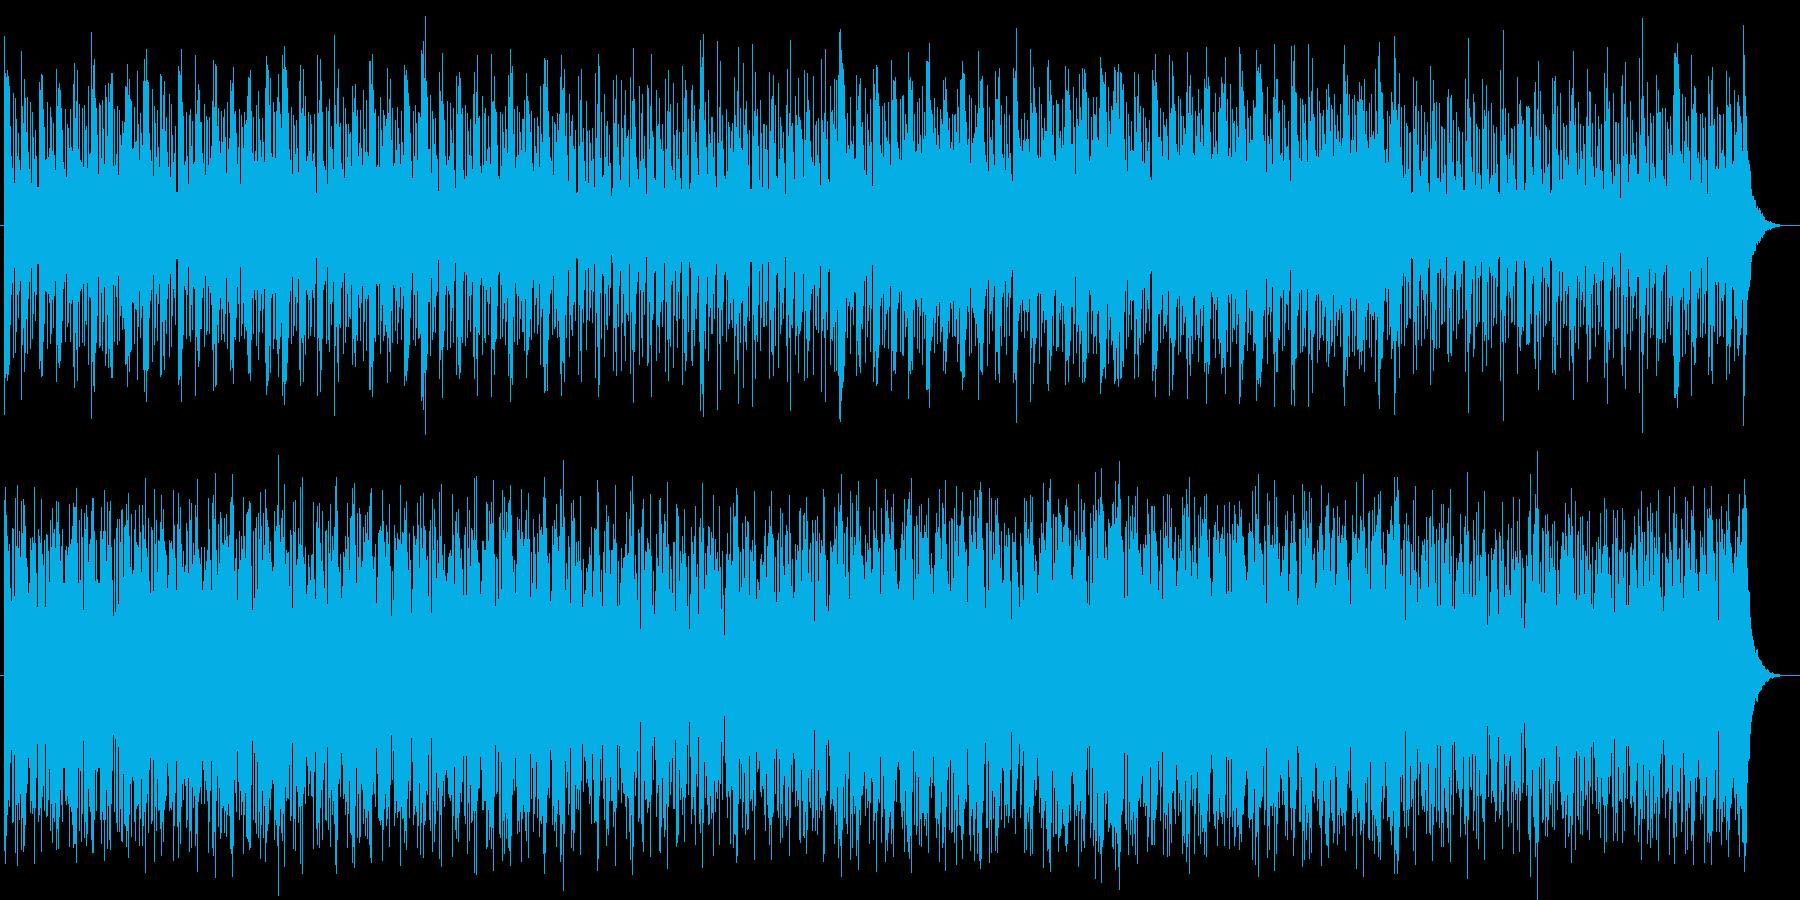 宇宙感のあるシンセサイザーテクノEDMの再生済みの波形